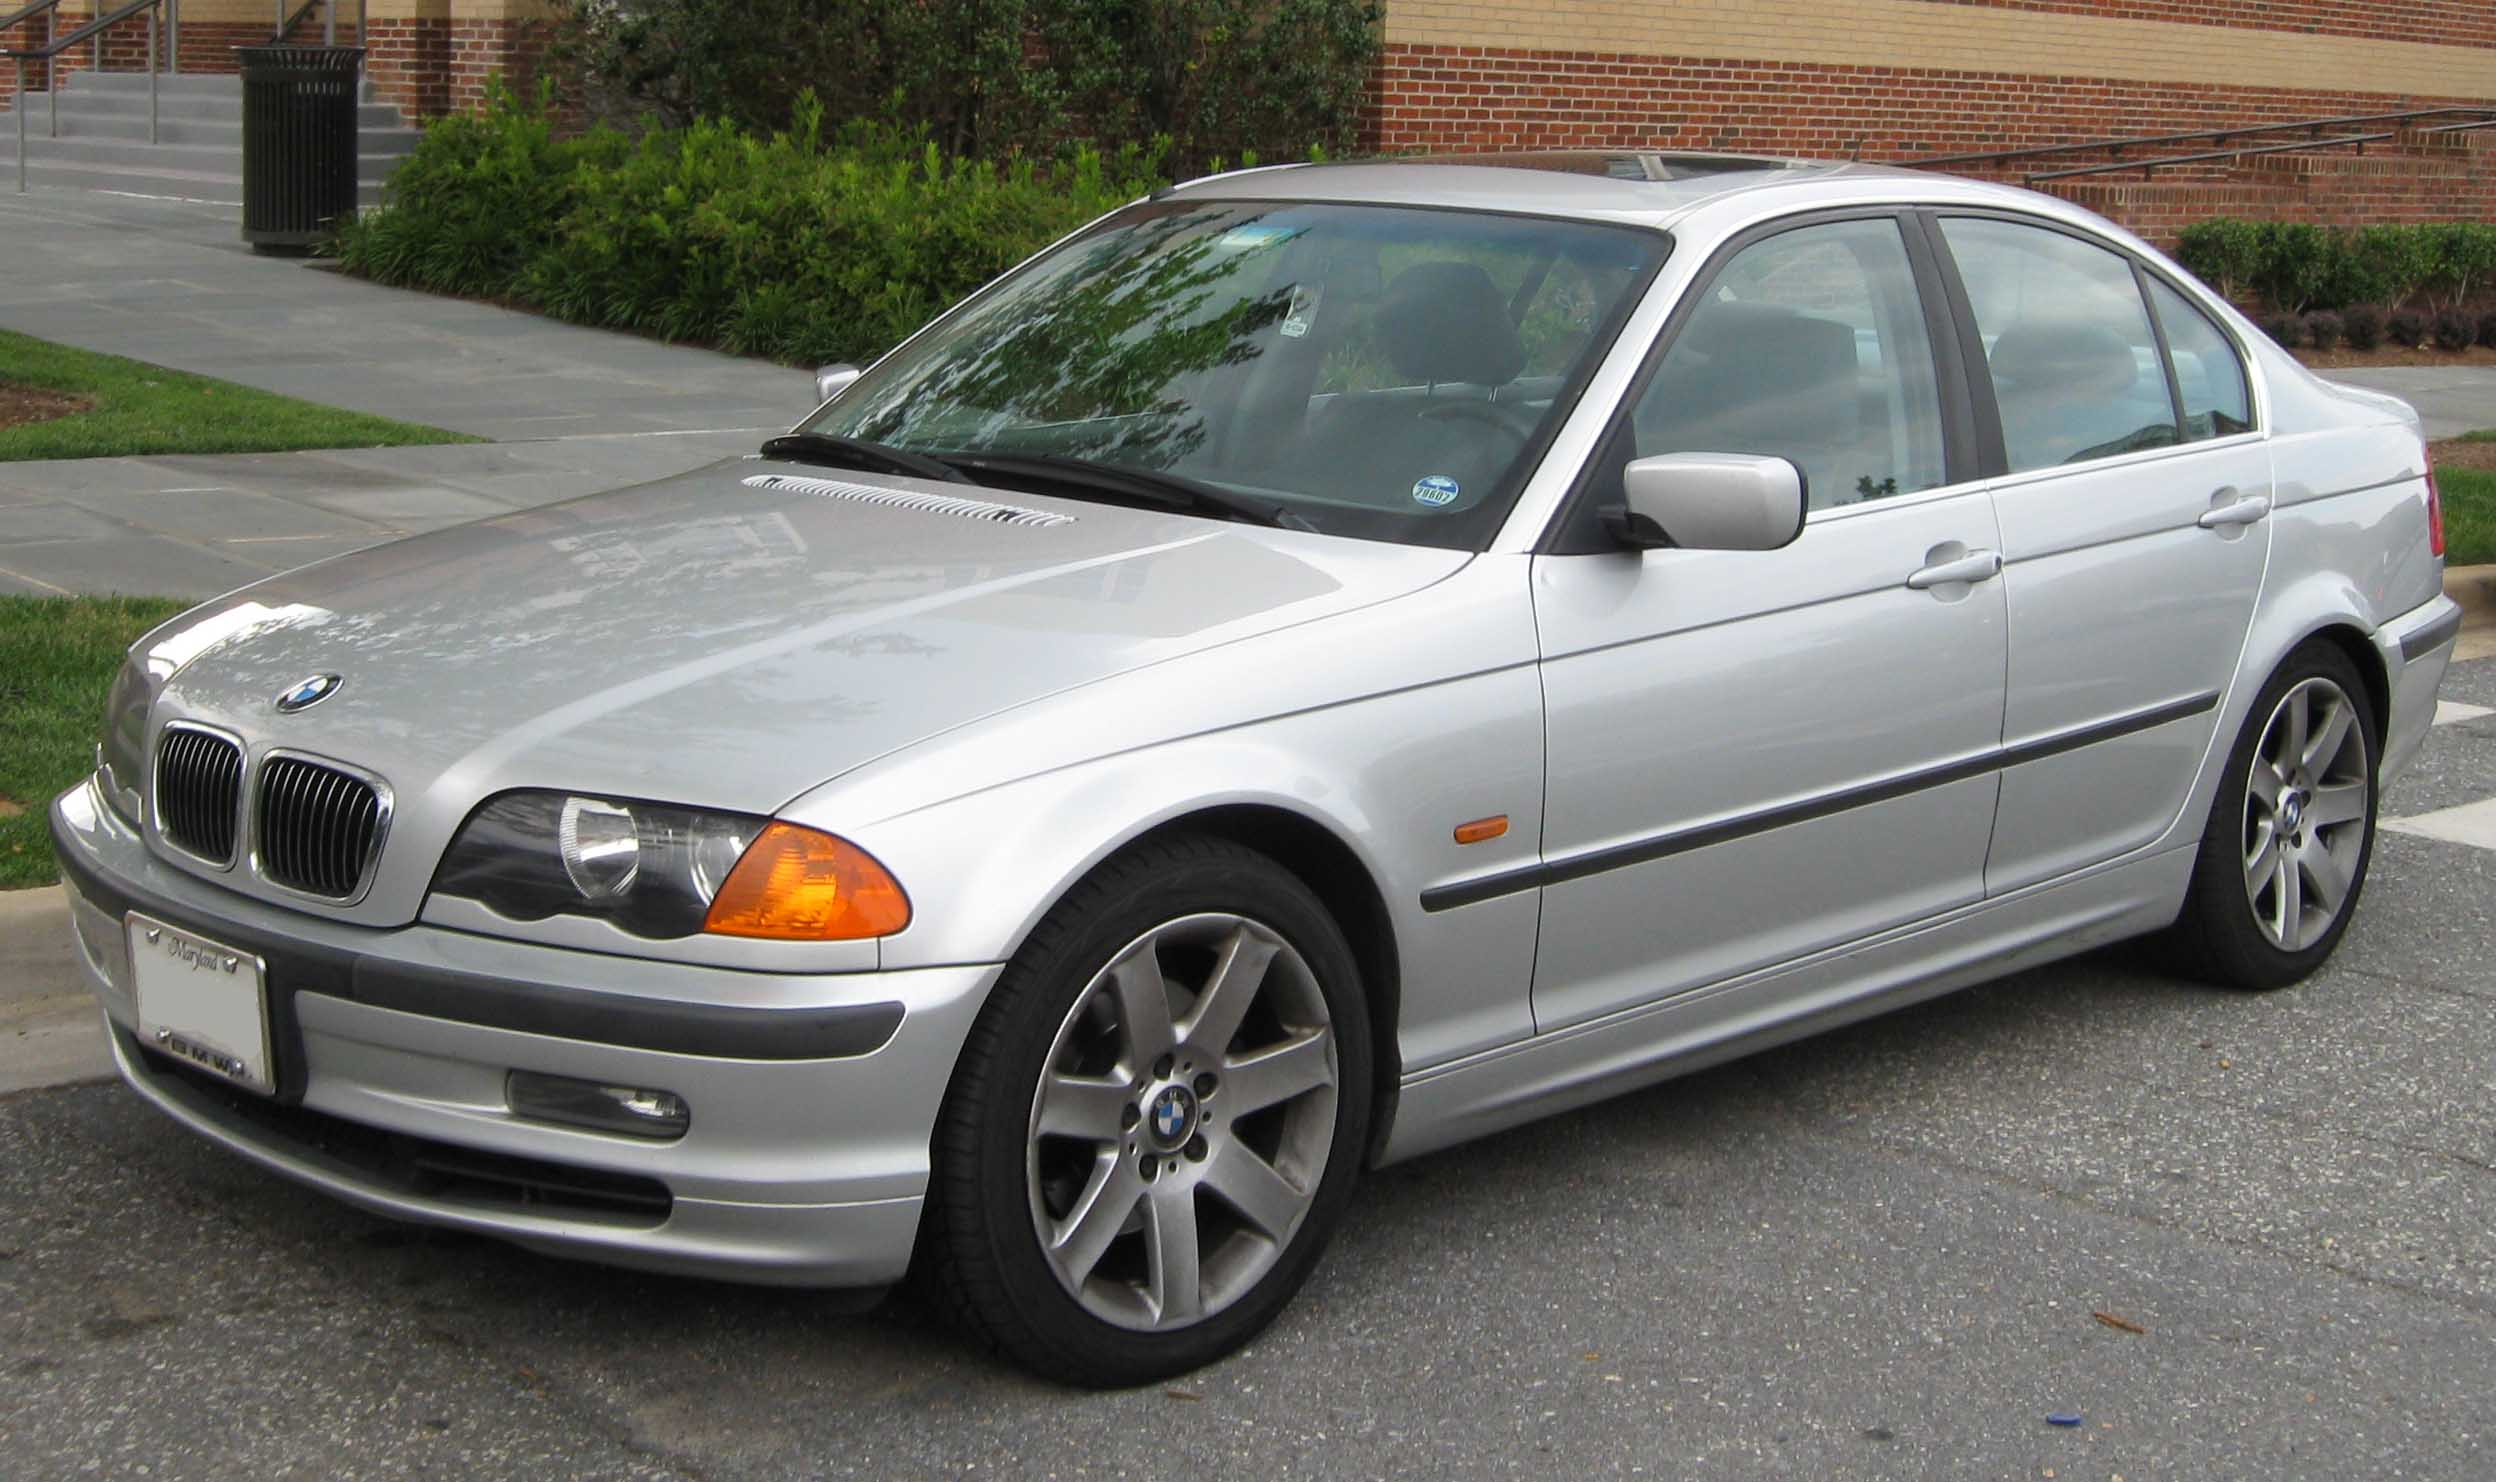 BMW 328i Sedan